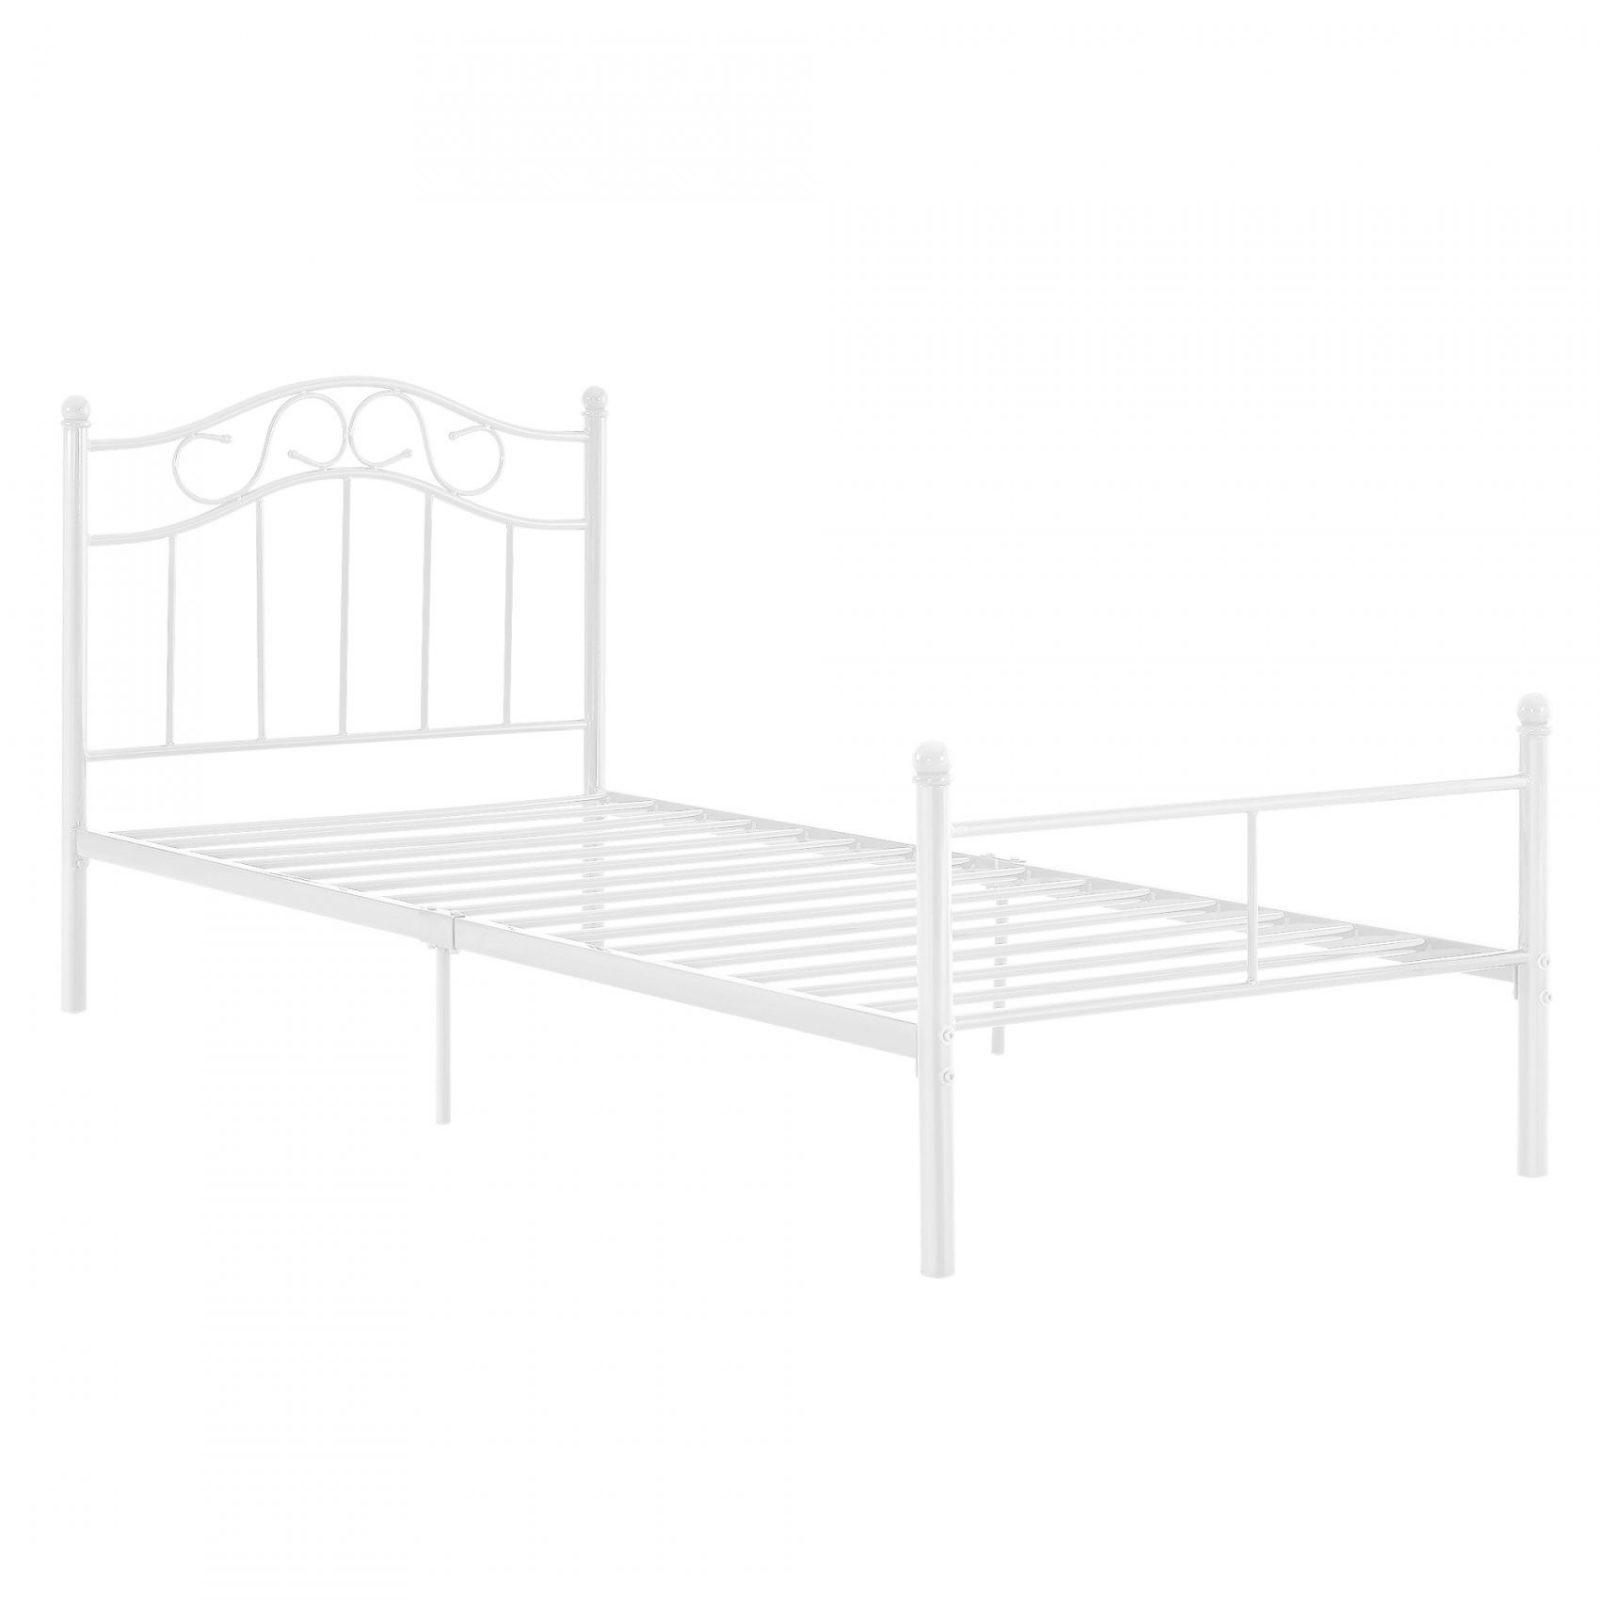 Betten 120X200 Cm Günstig Online Kaufen  Real von Bett 120X200 Metall Photo